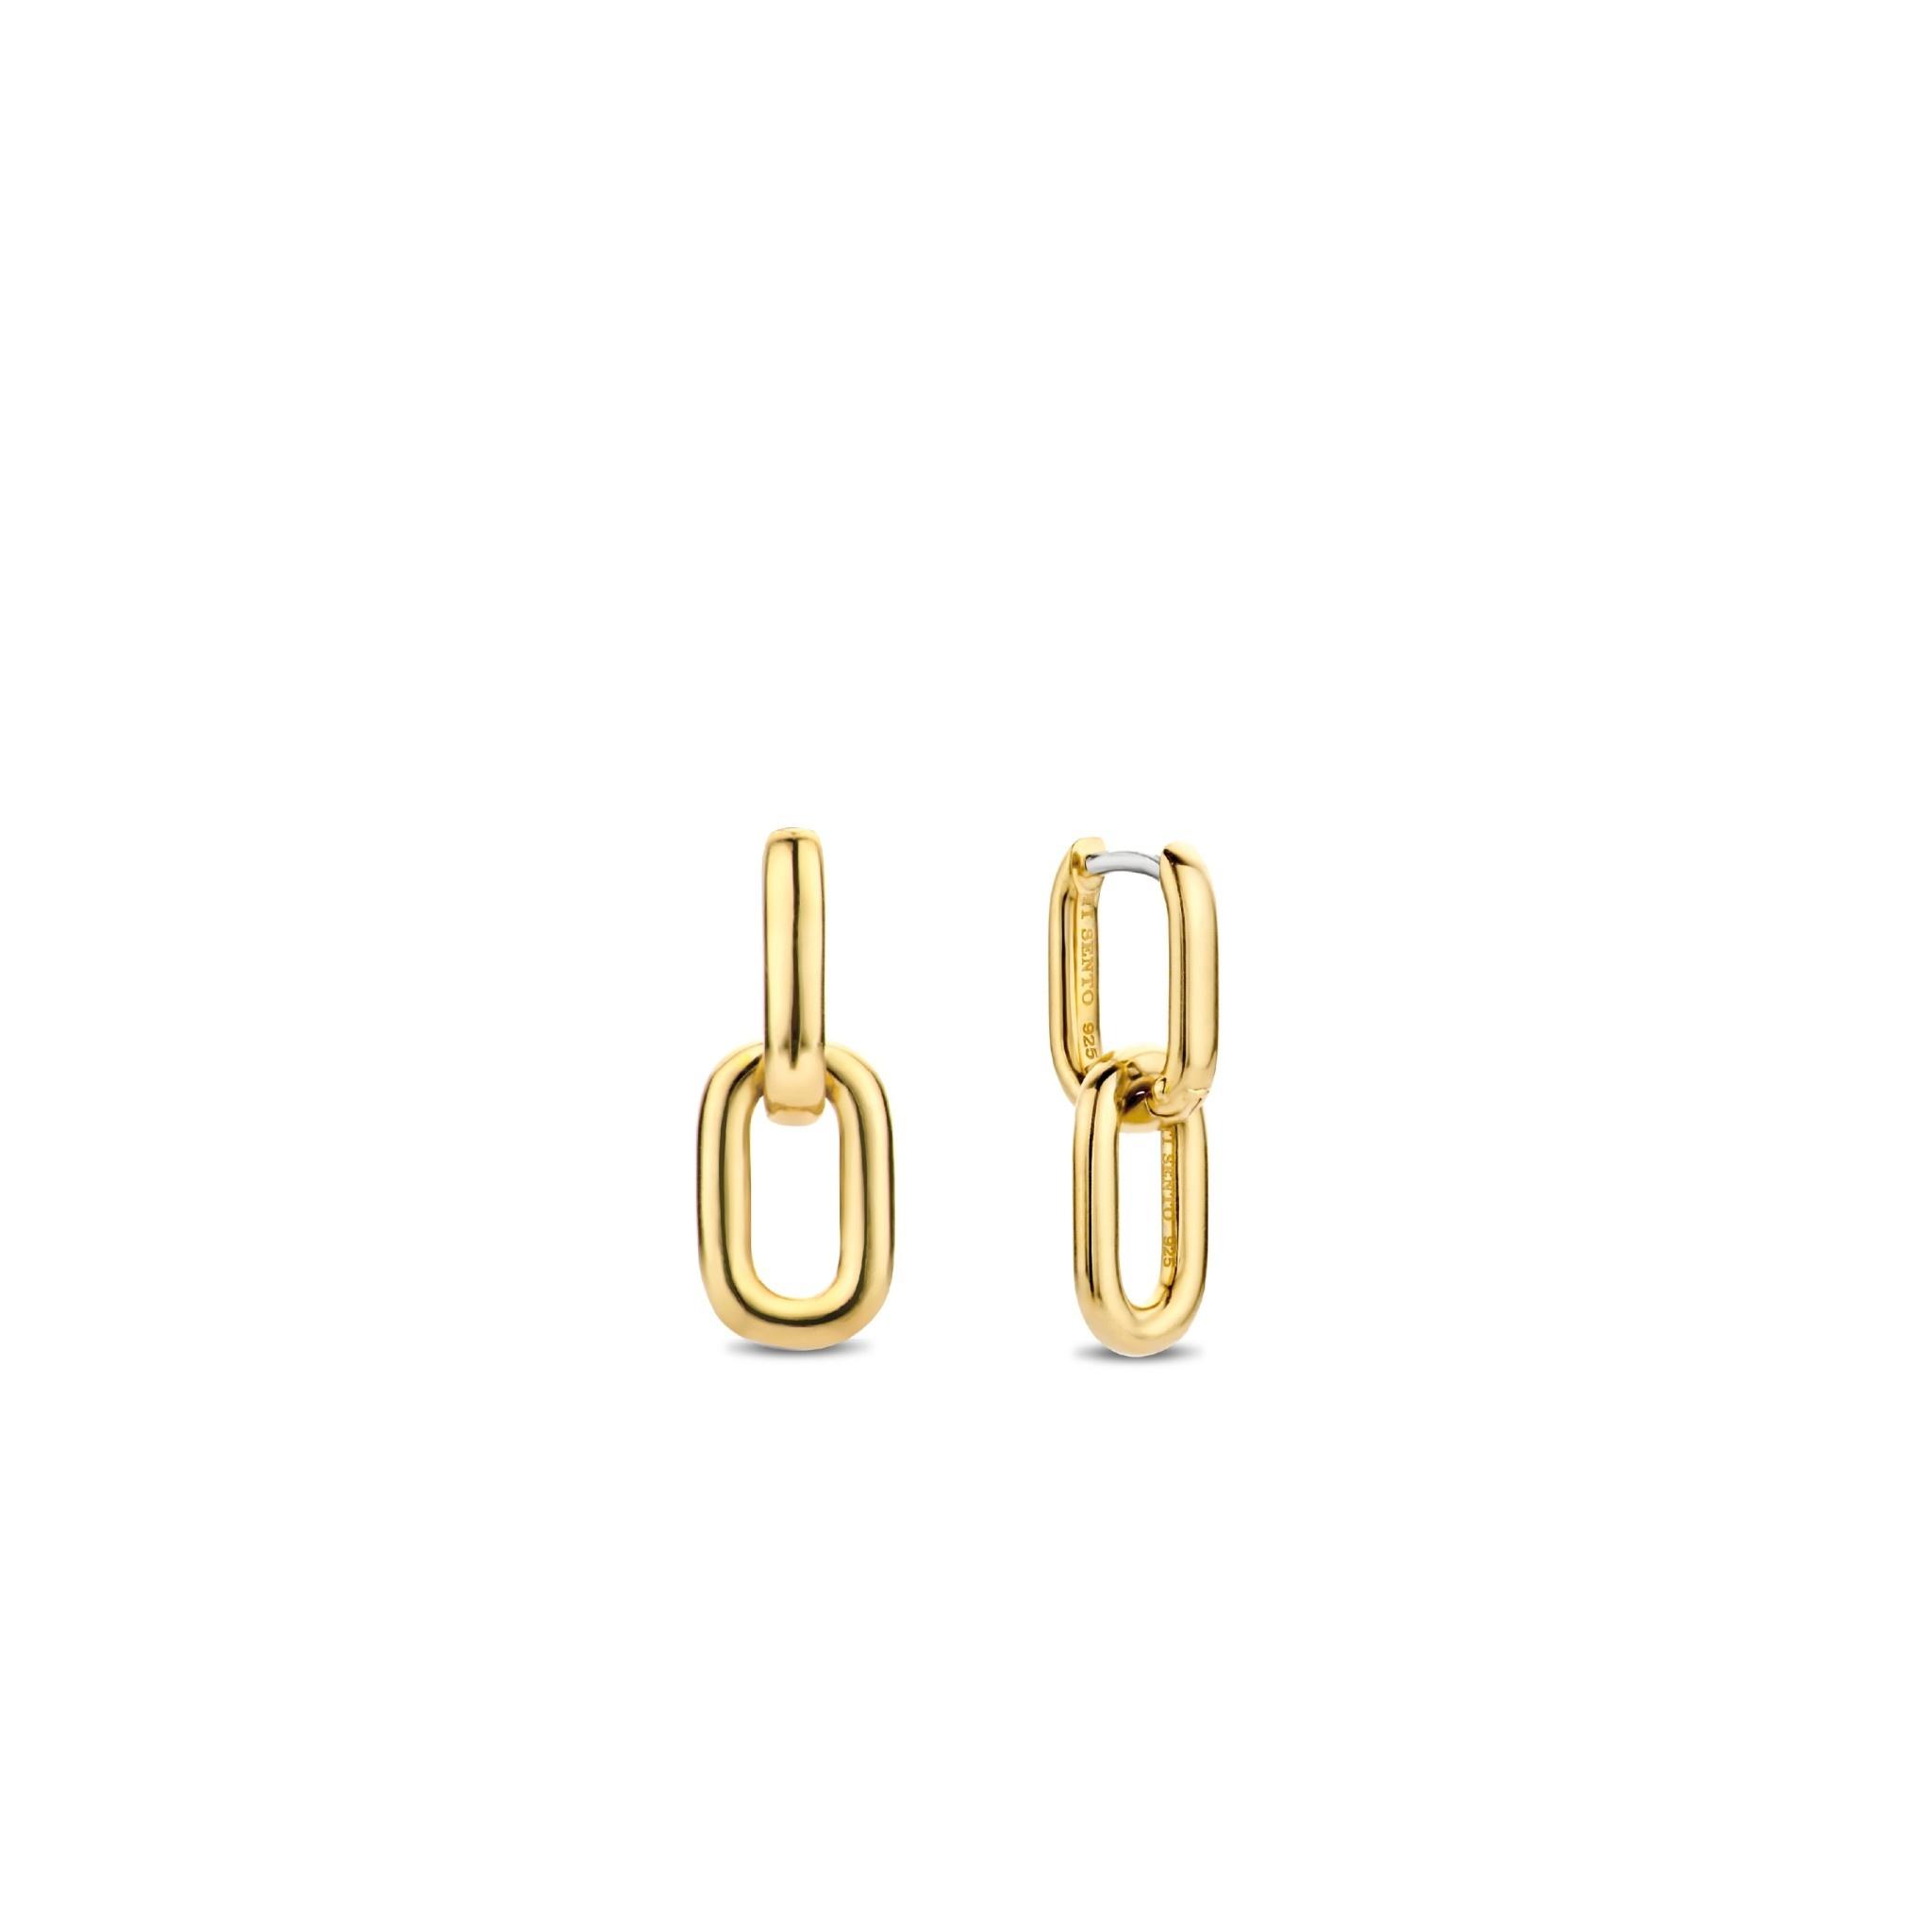 TI SENTO - Milano Earrings 7831SY-1